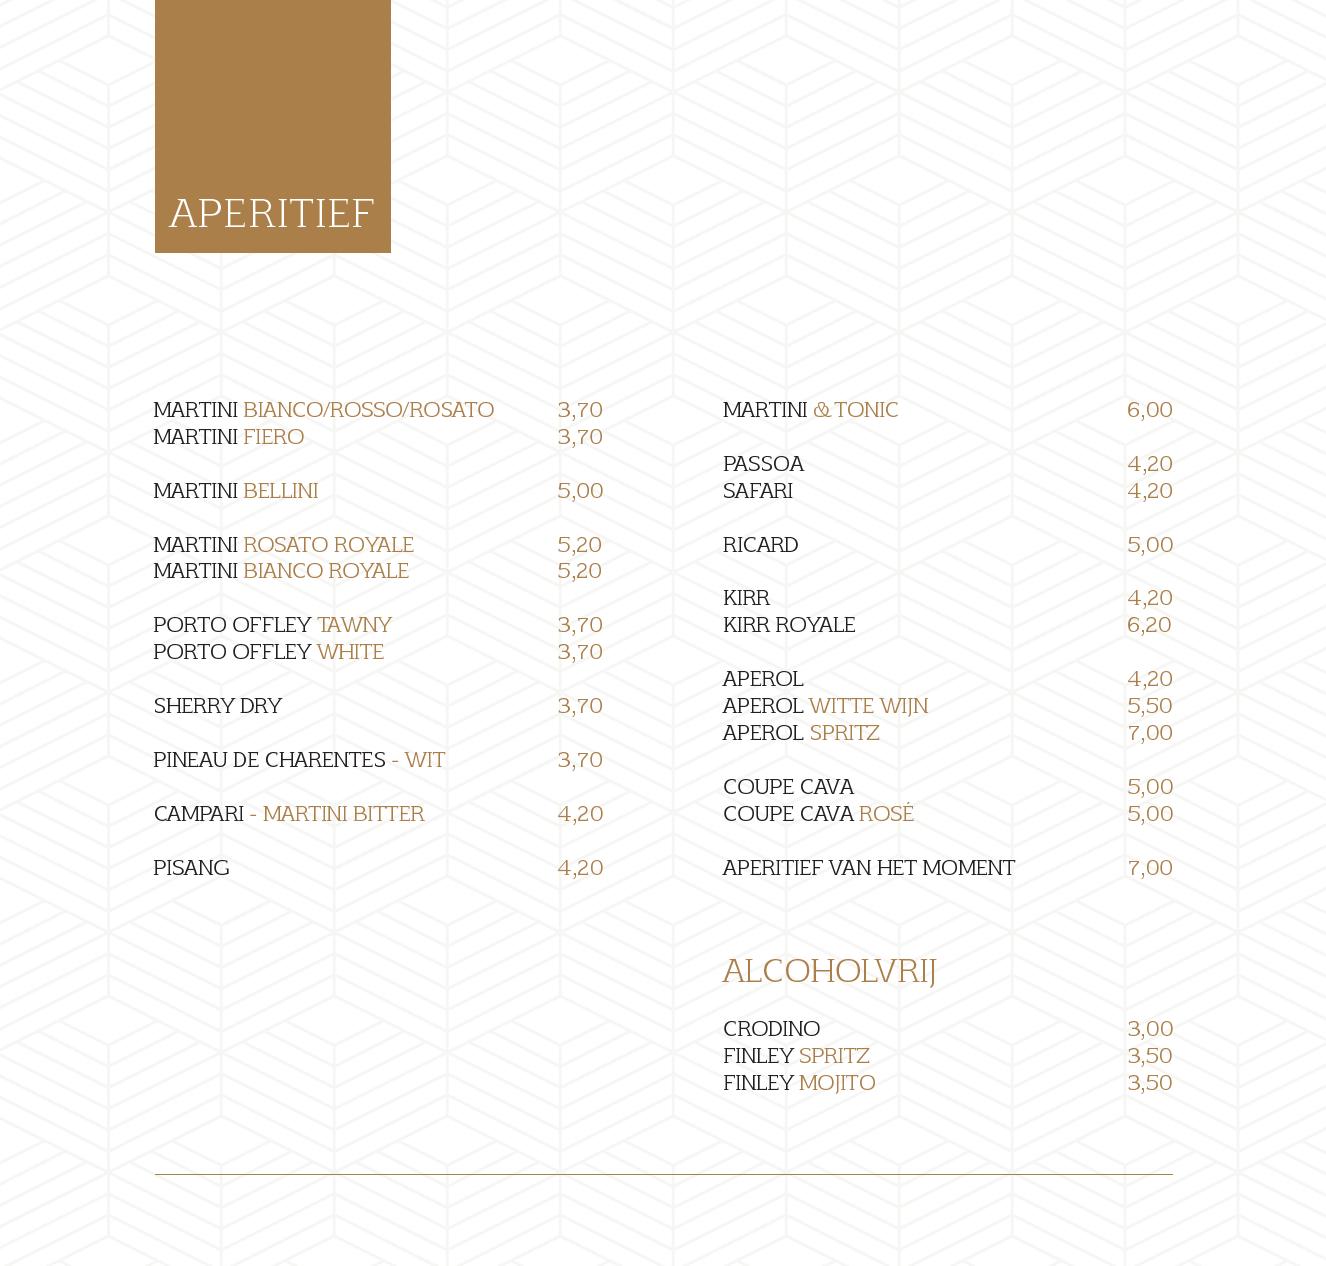 menukaart 11